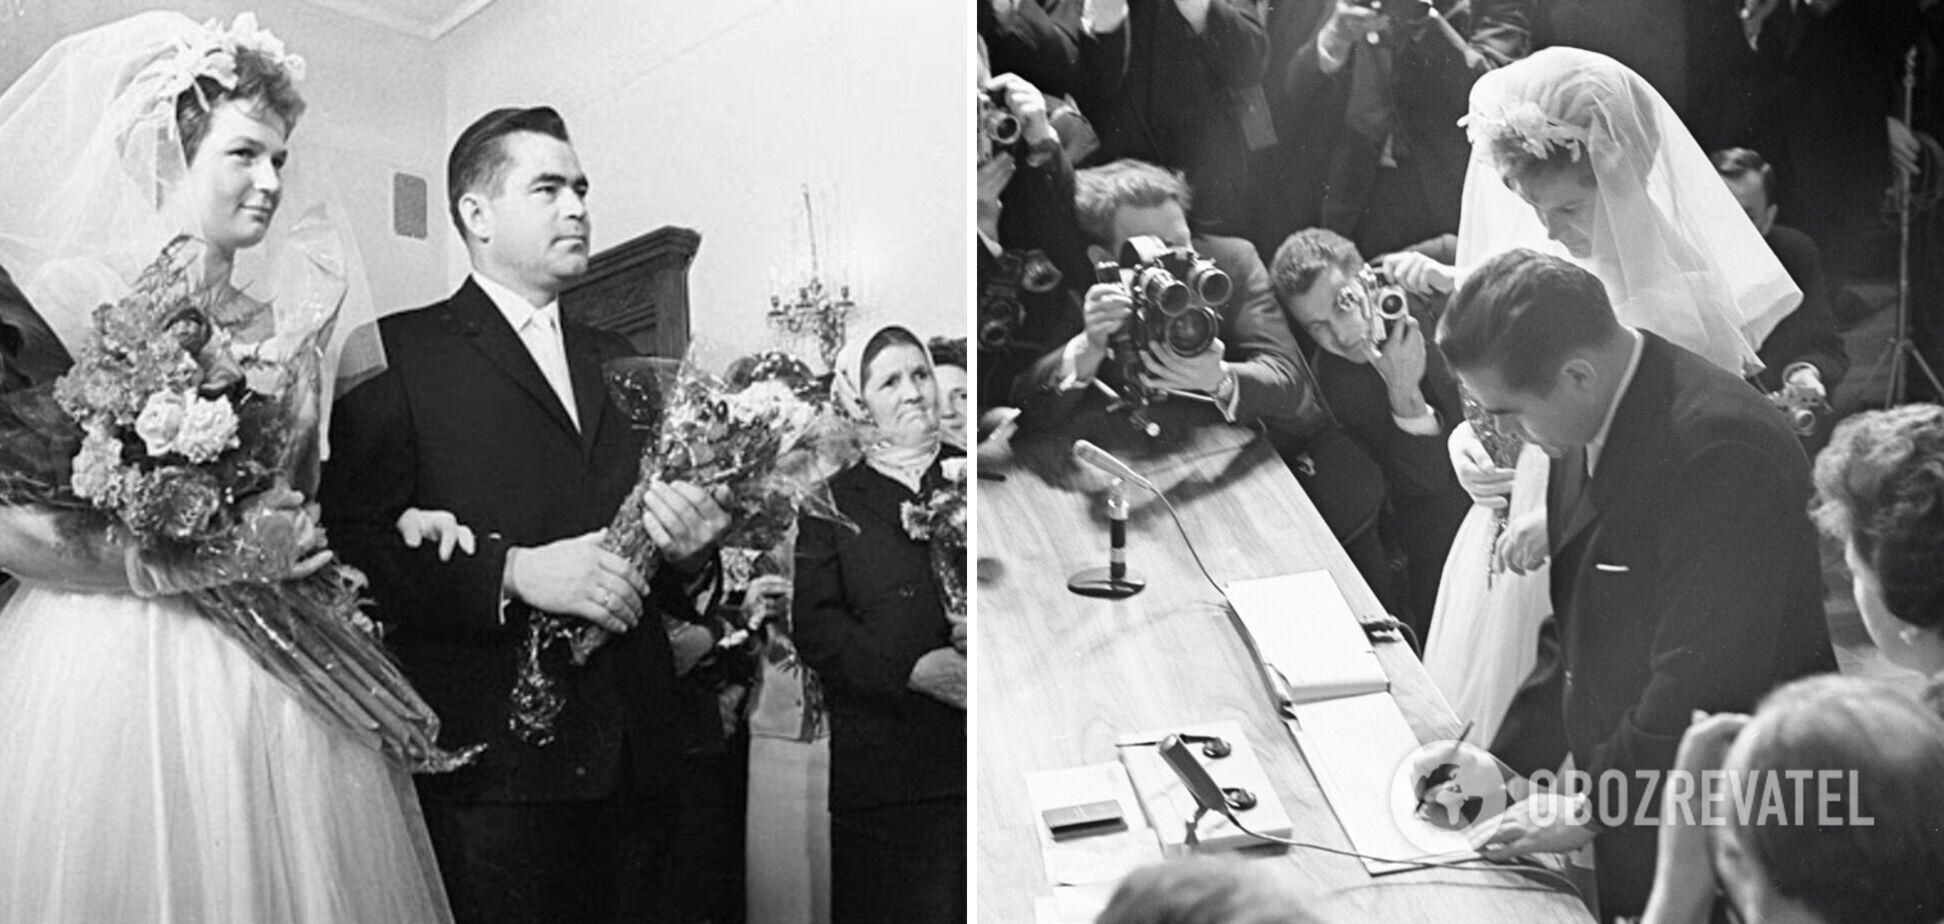 Весілля космонавтів Терешкової та Ніколаєва